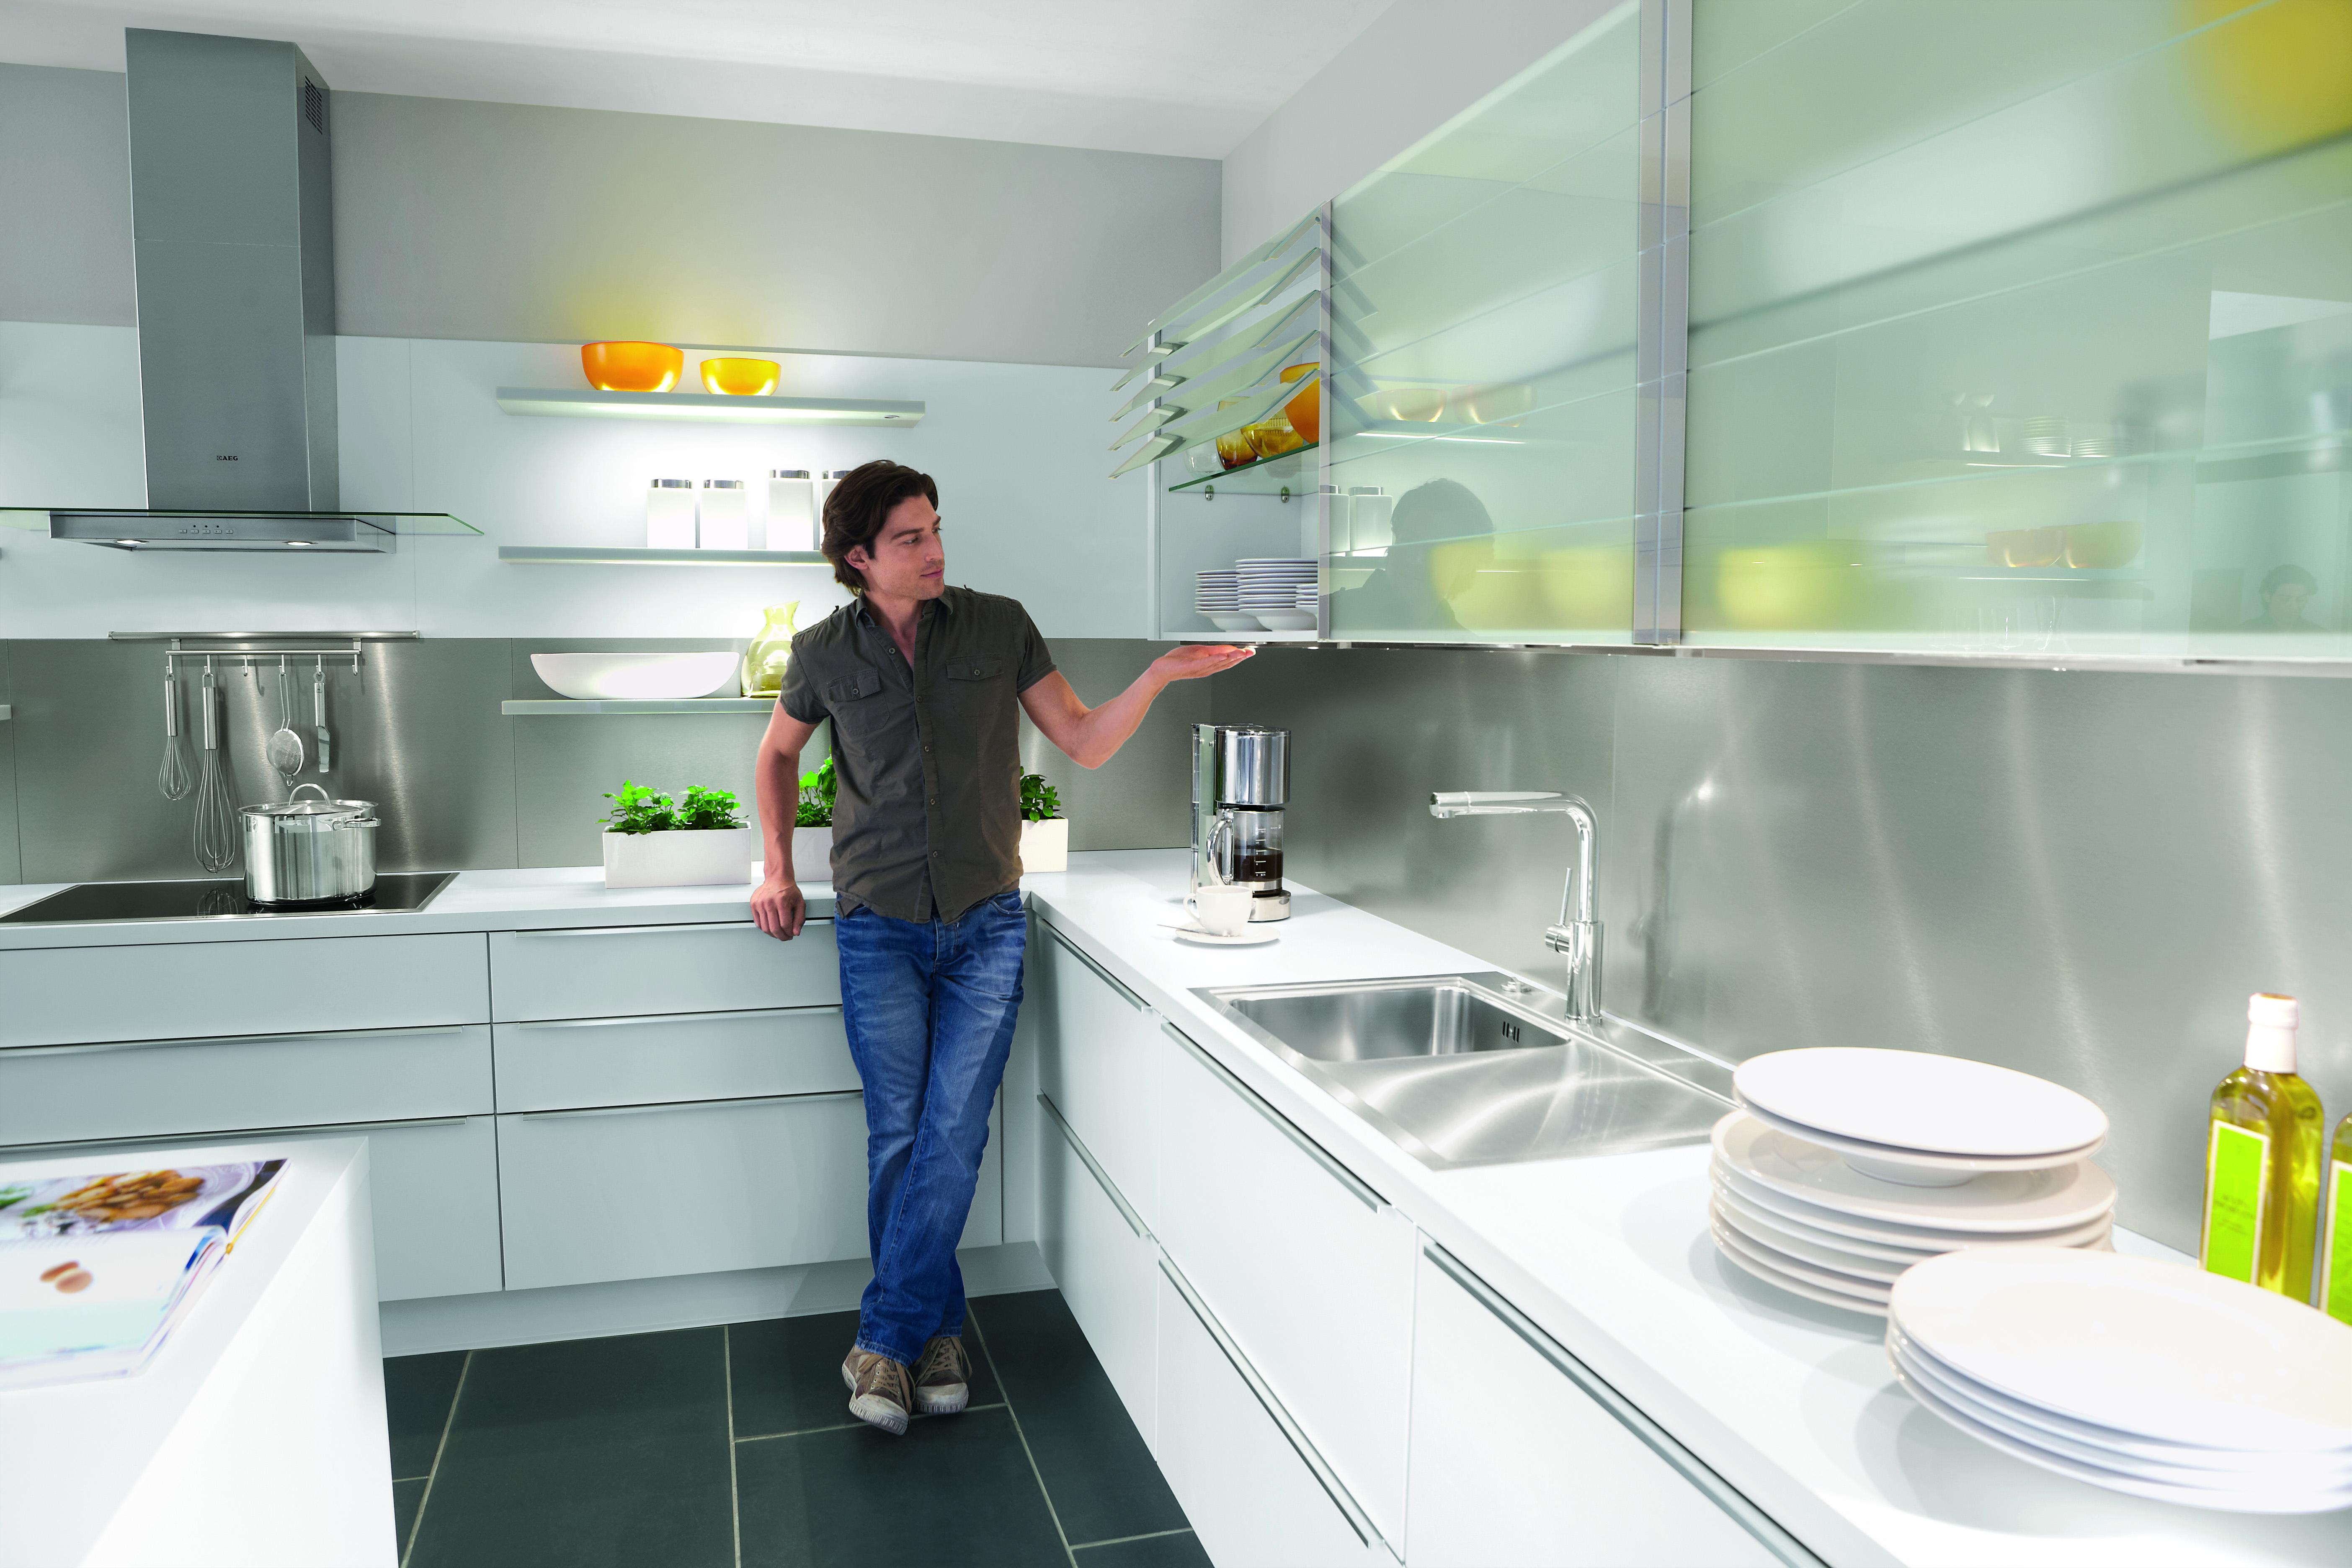 Glasoberflächen sind im Trend, besonders in Kombination mit Unilack-Fronten und einer weißen Arbeitsplatte. Foto: Nobilia